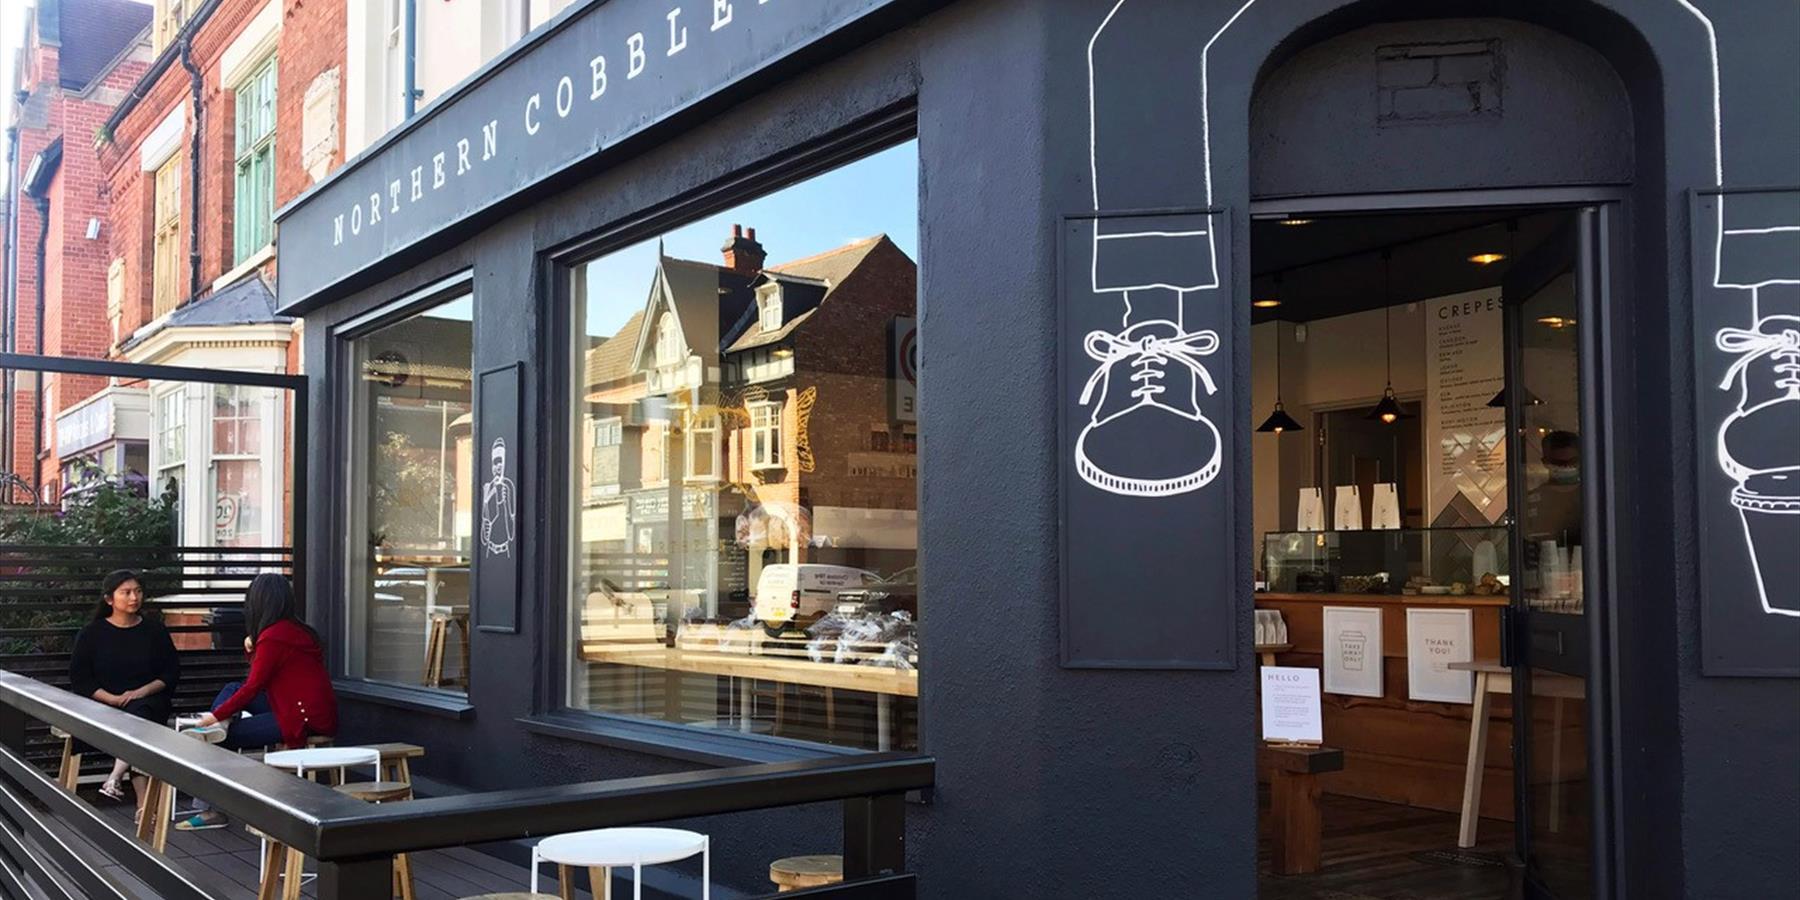 northern cobbler cafe